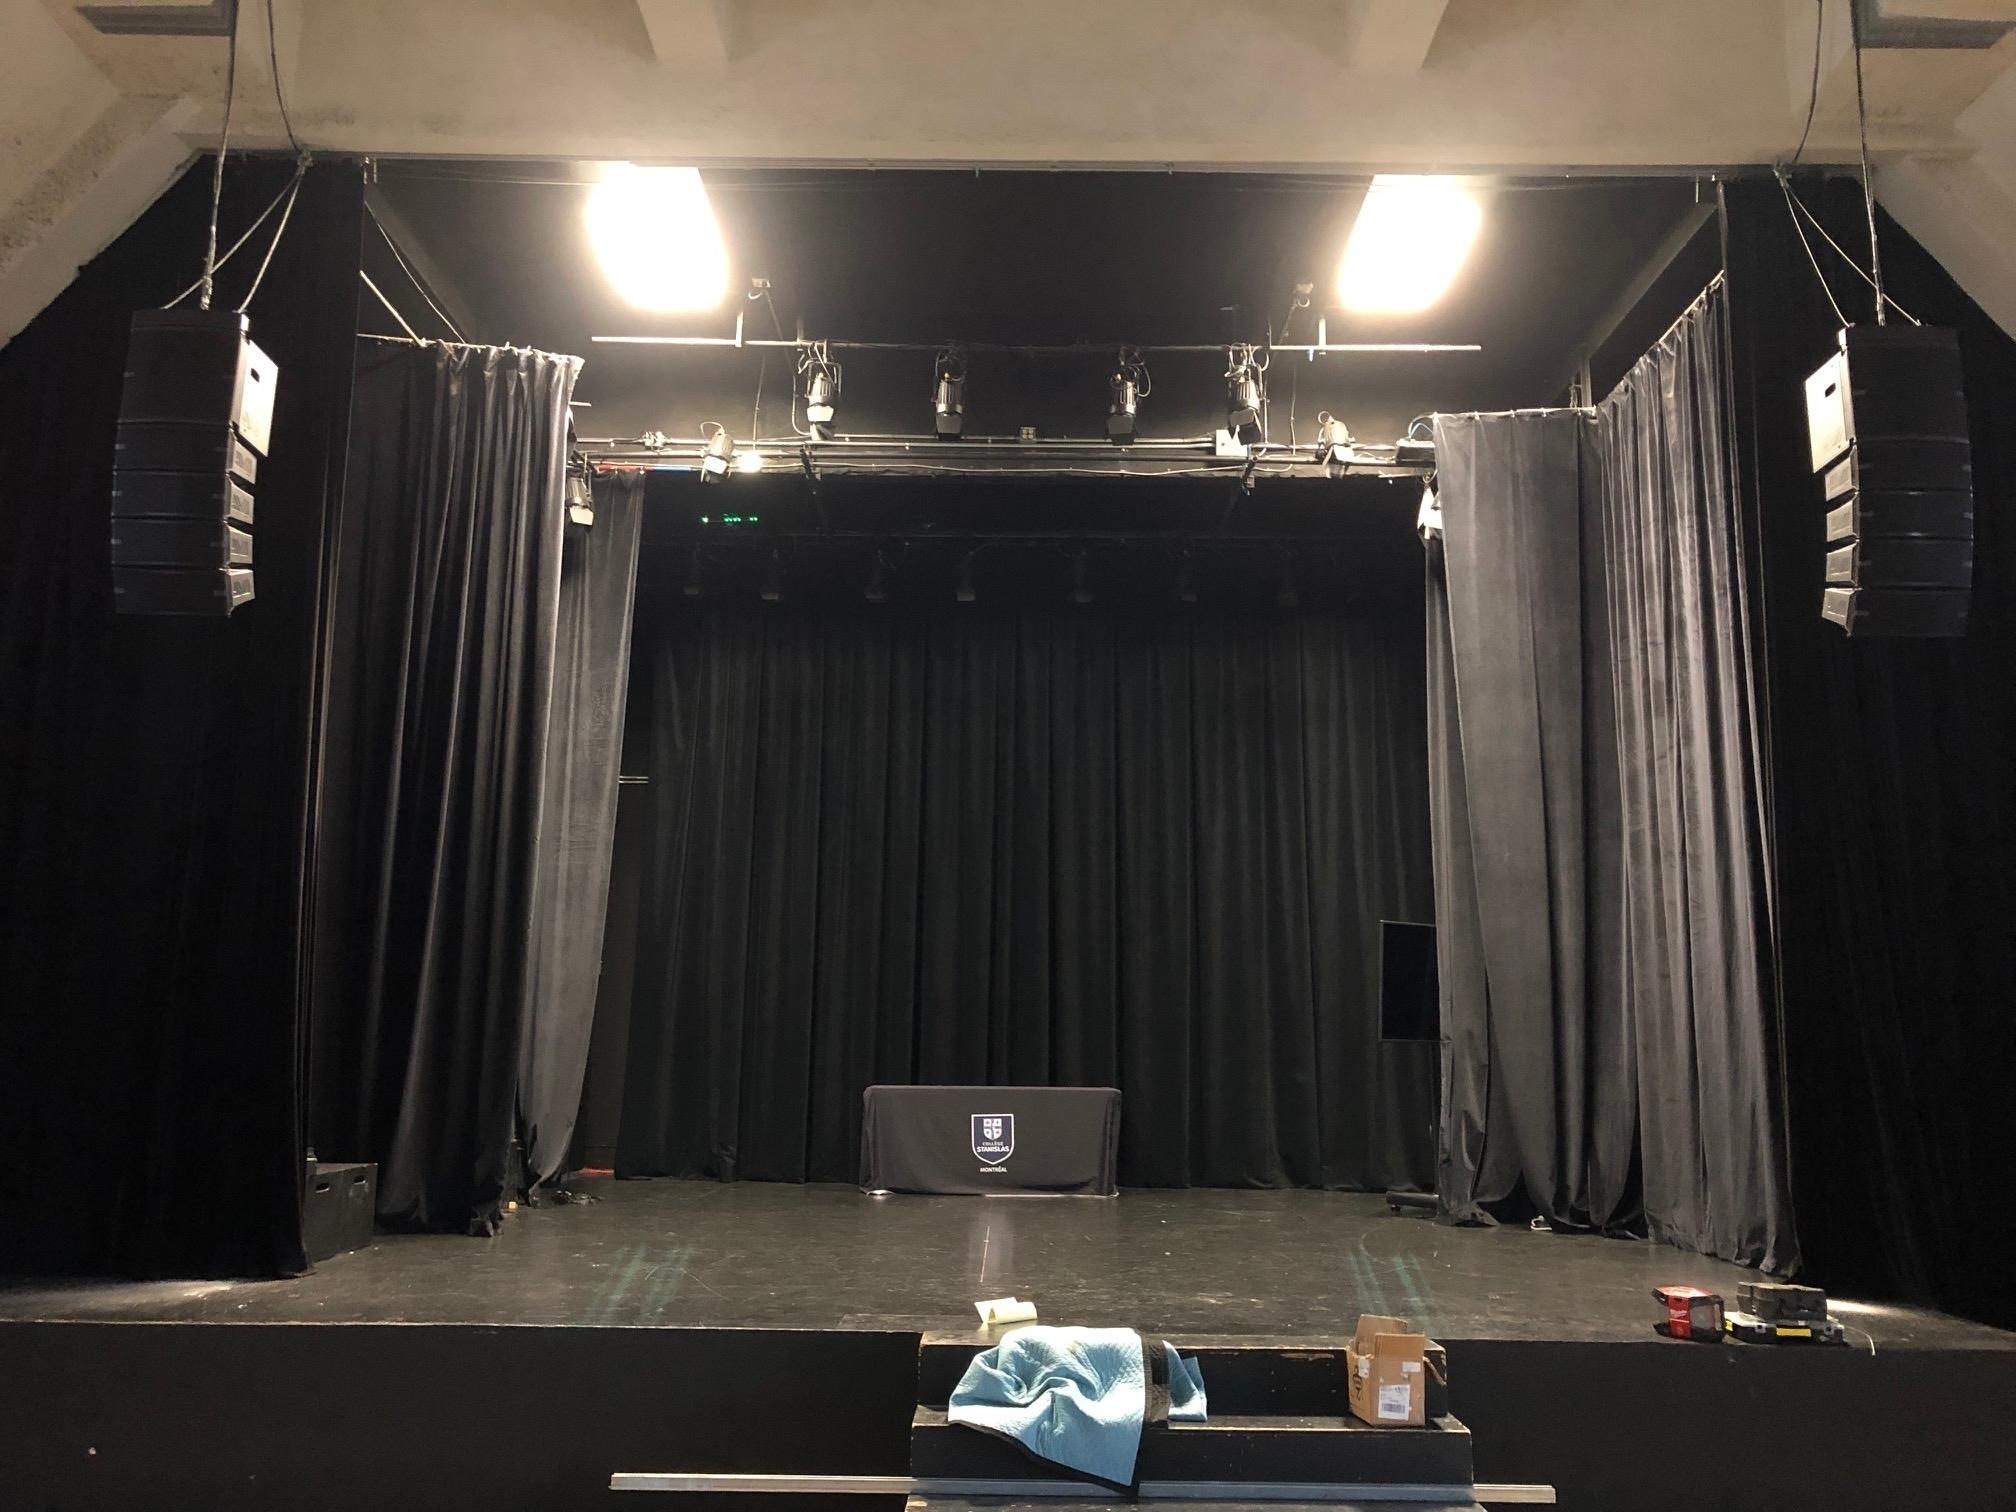 E-lite inc à Montréal: Installation d'un système de sonorisation de type Linearry pour un auditorium dans un établissement scolaire de Montréal. dBTechnologies.